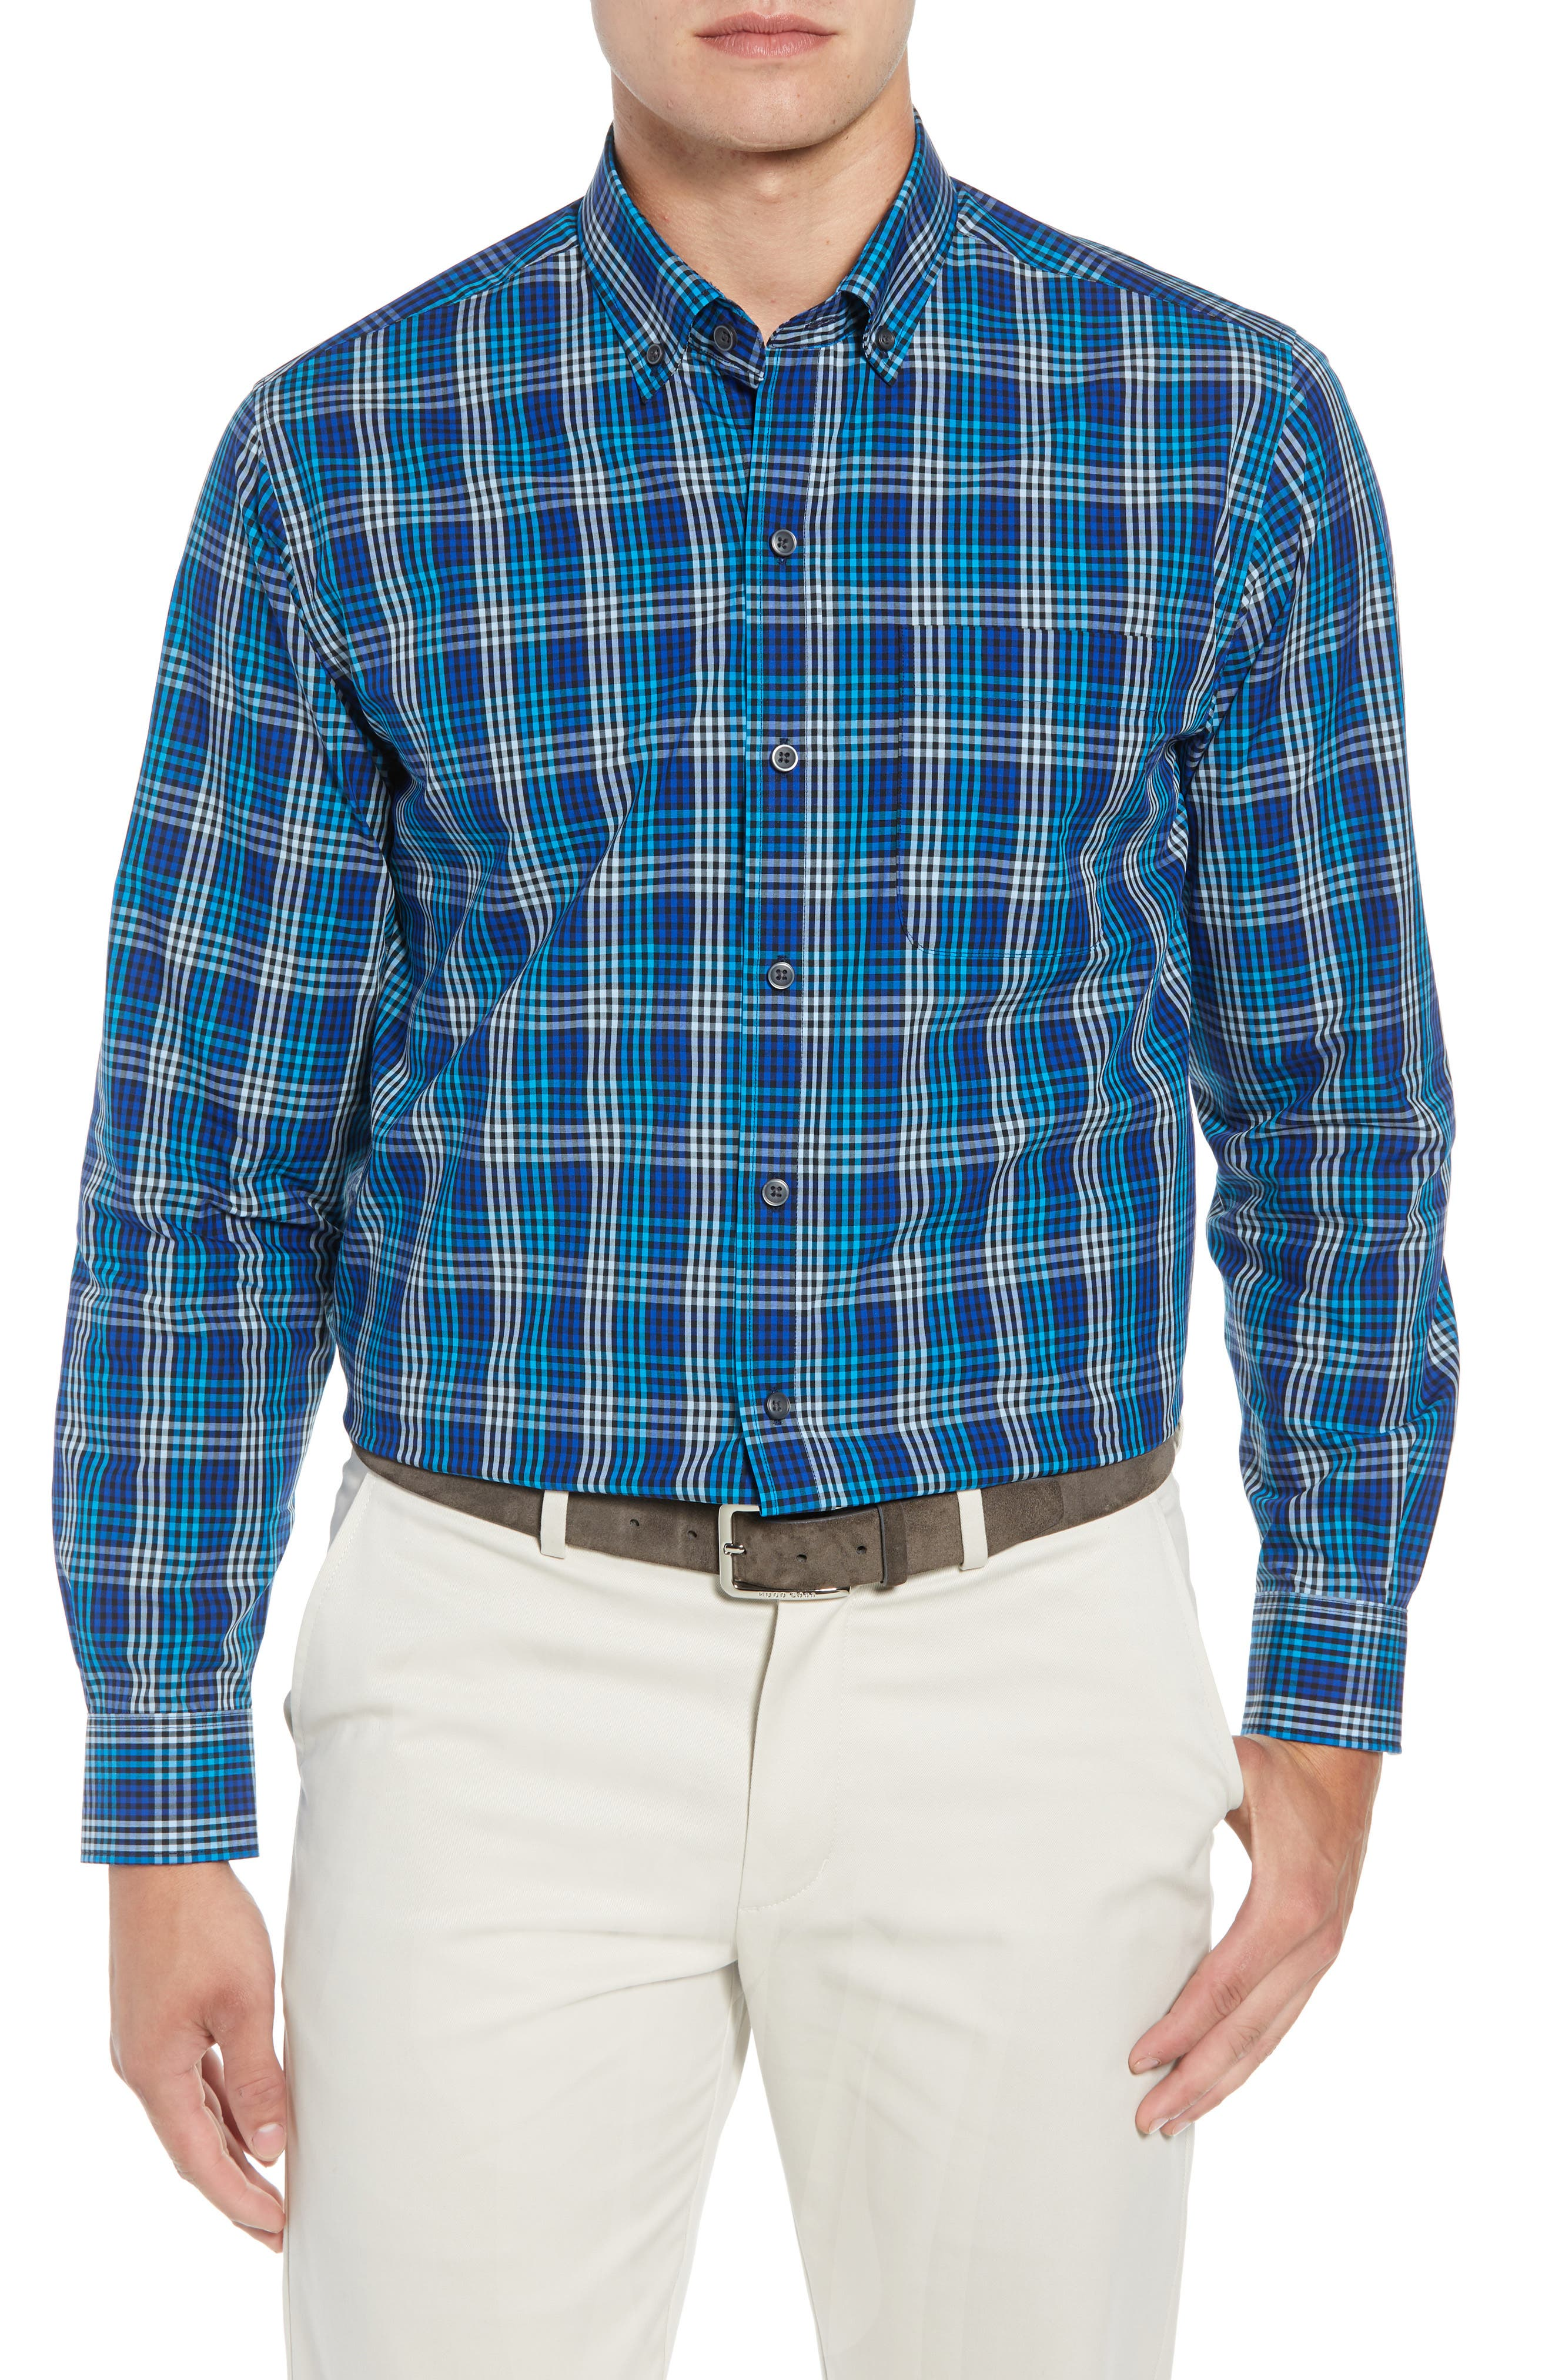 Cutter & Buck Sutton Regular Fit Non-Iron Check Sport Shirt, Blue